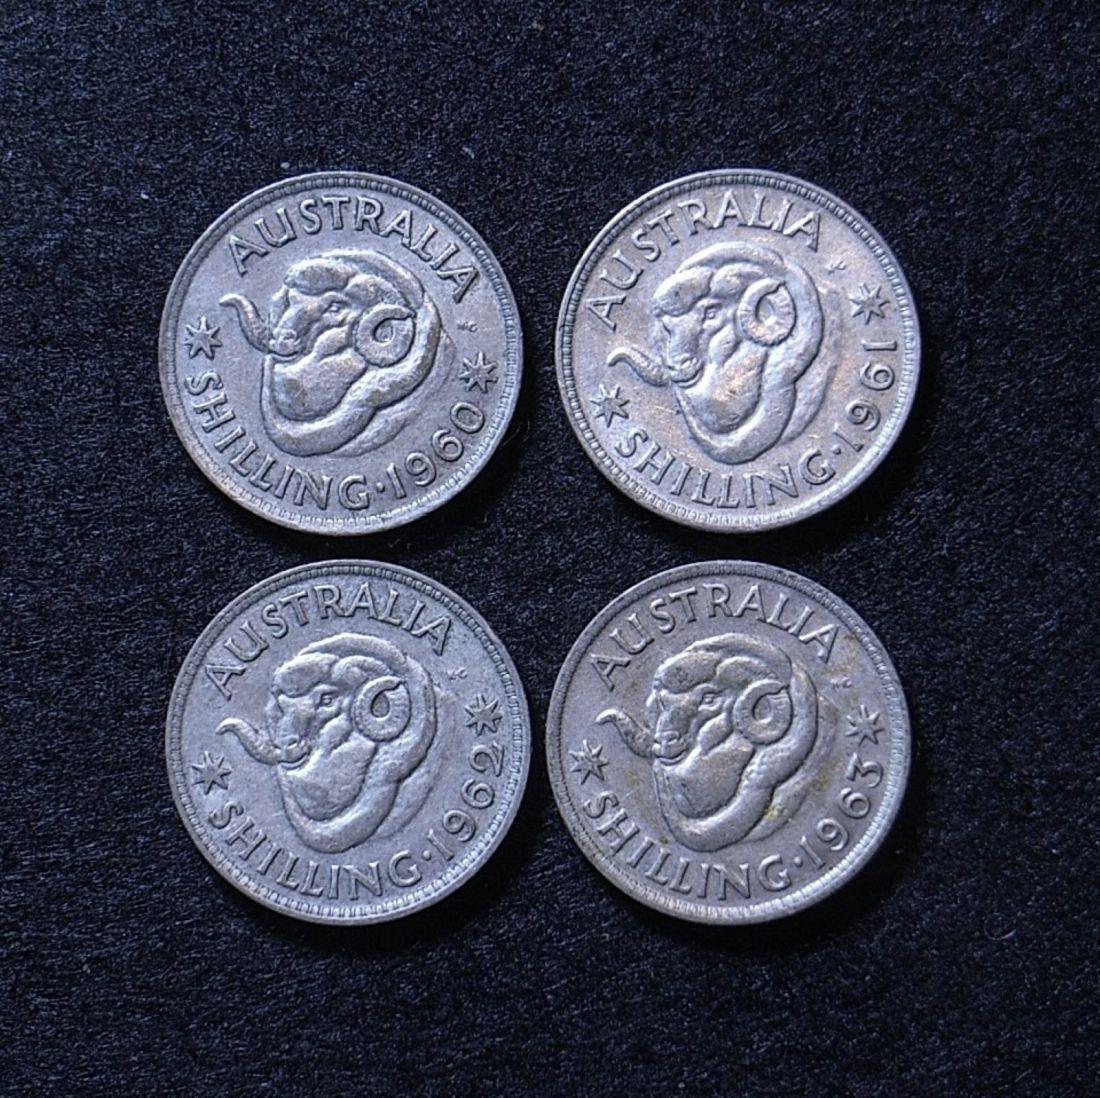 Aus Shillings 60s reverse